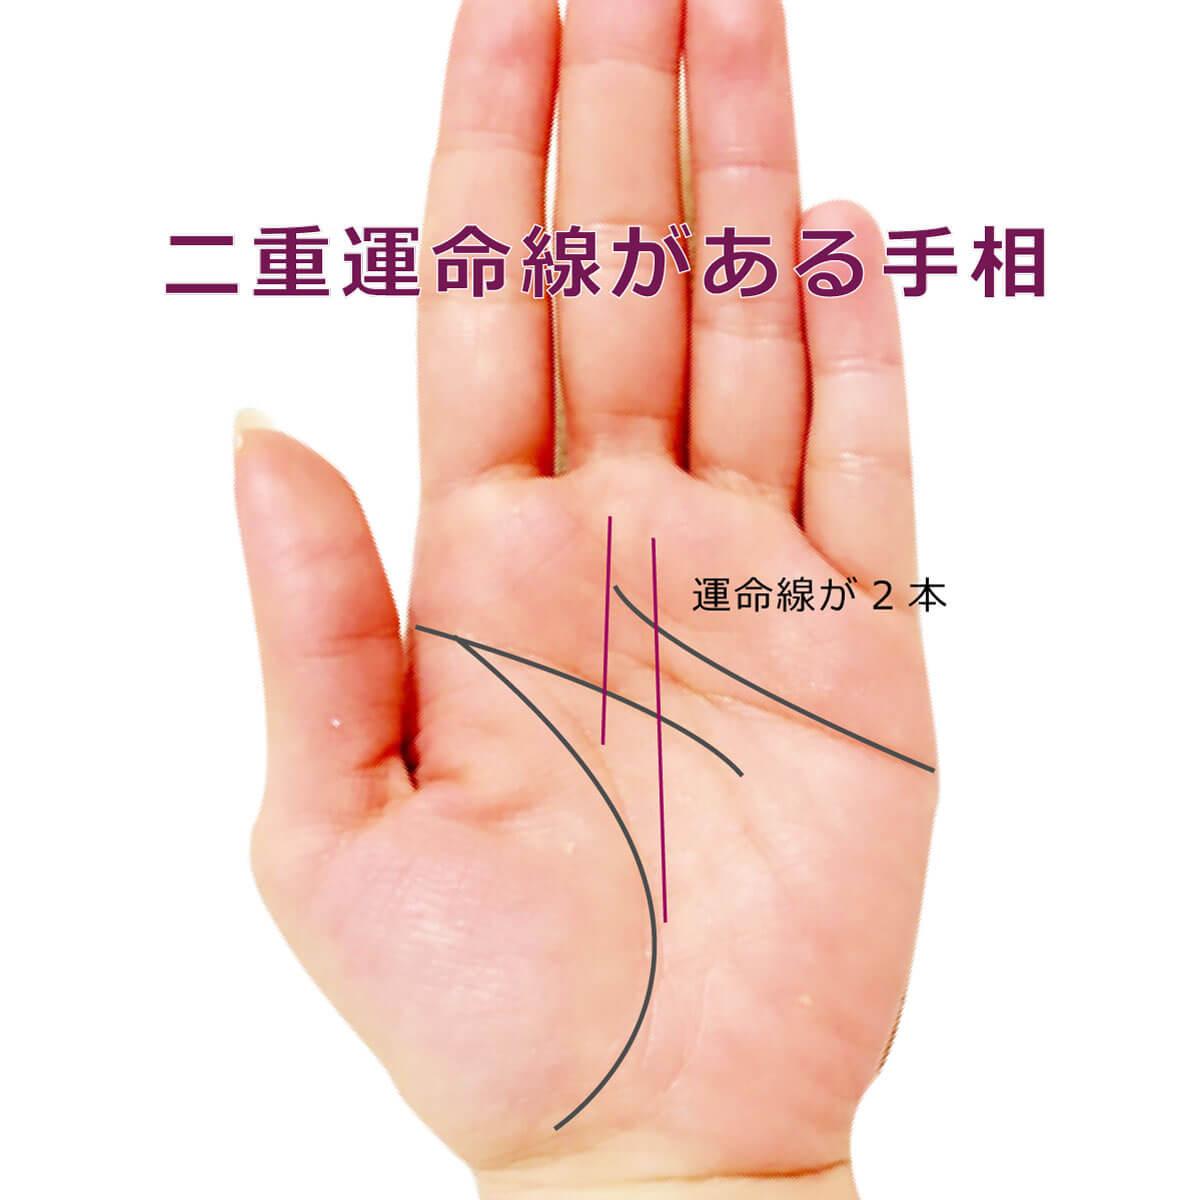 最高の手相 感情 線 2 本 - 世界のすべての髪型